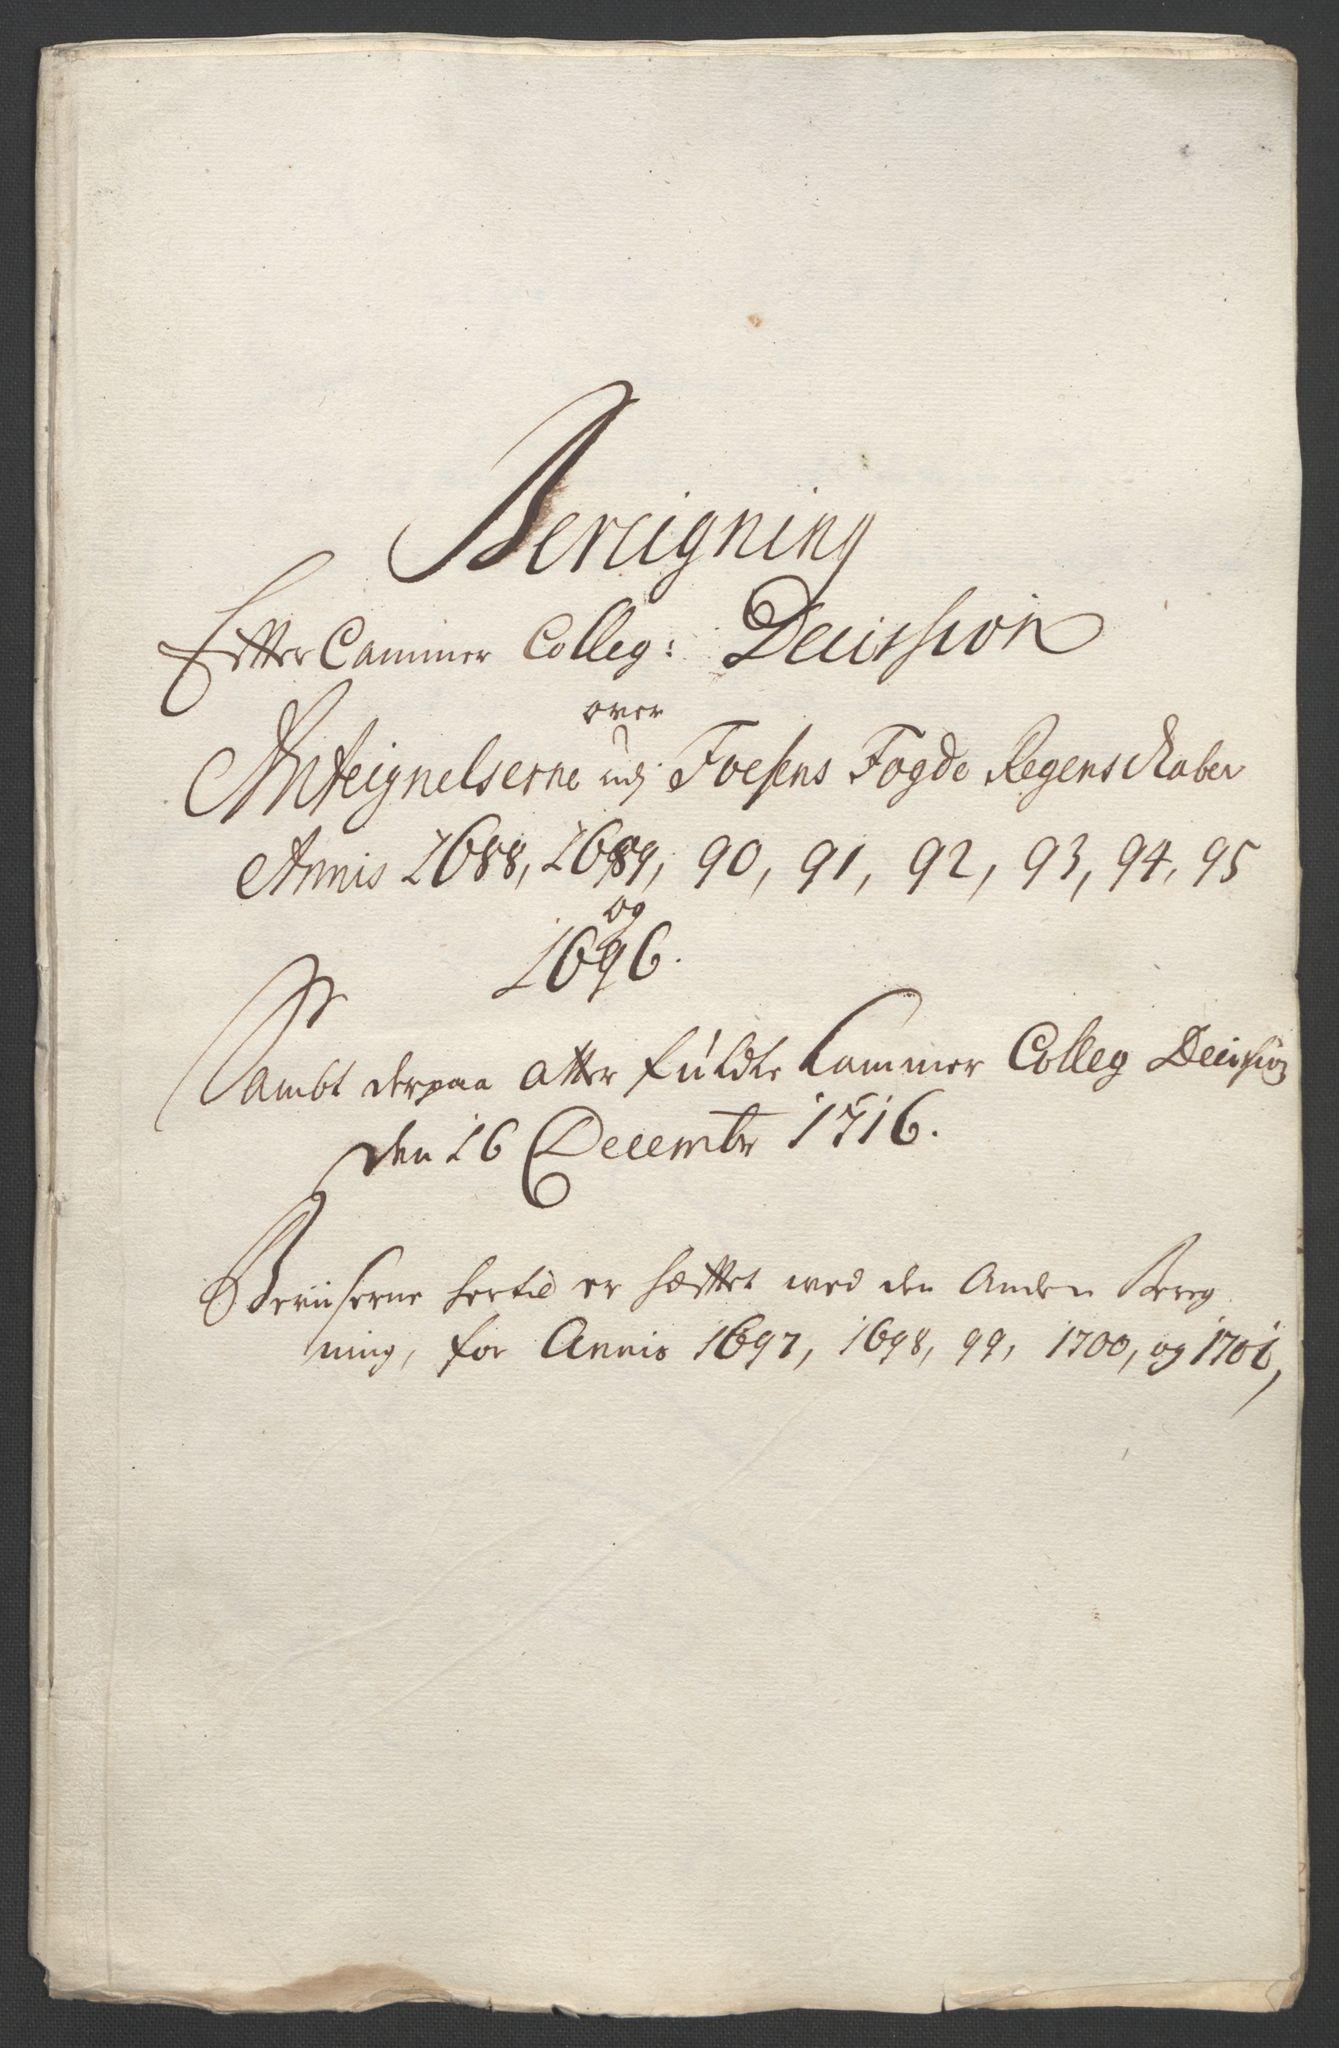 RA, Rentekammeret inntil 1814, Reviderte regnskaper, Fogderegnskap, R57/L3851: Fogderegnskap Fosen, 1695-1696, s. 318